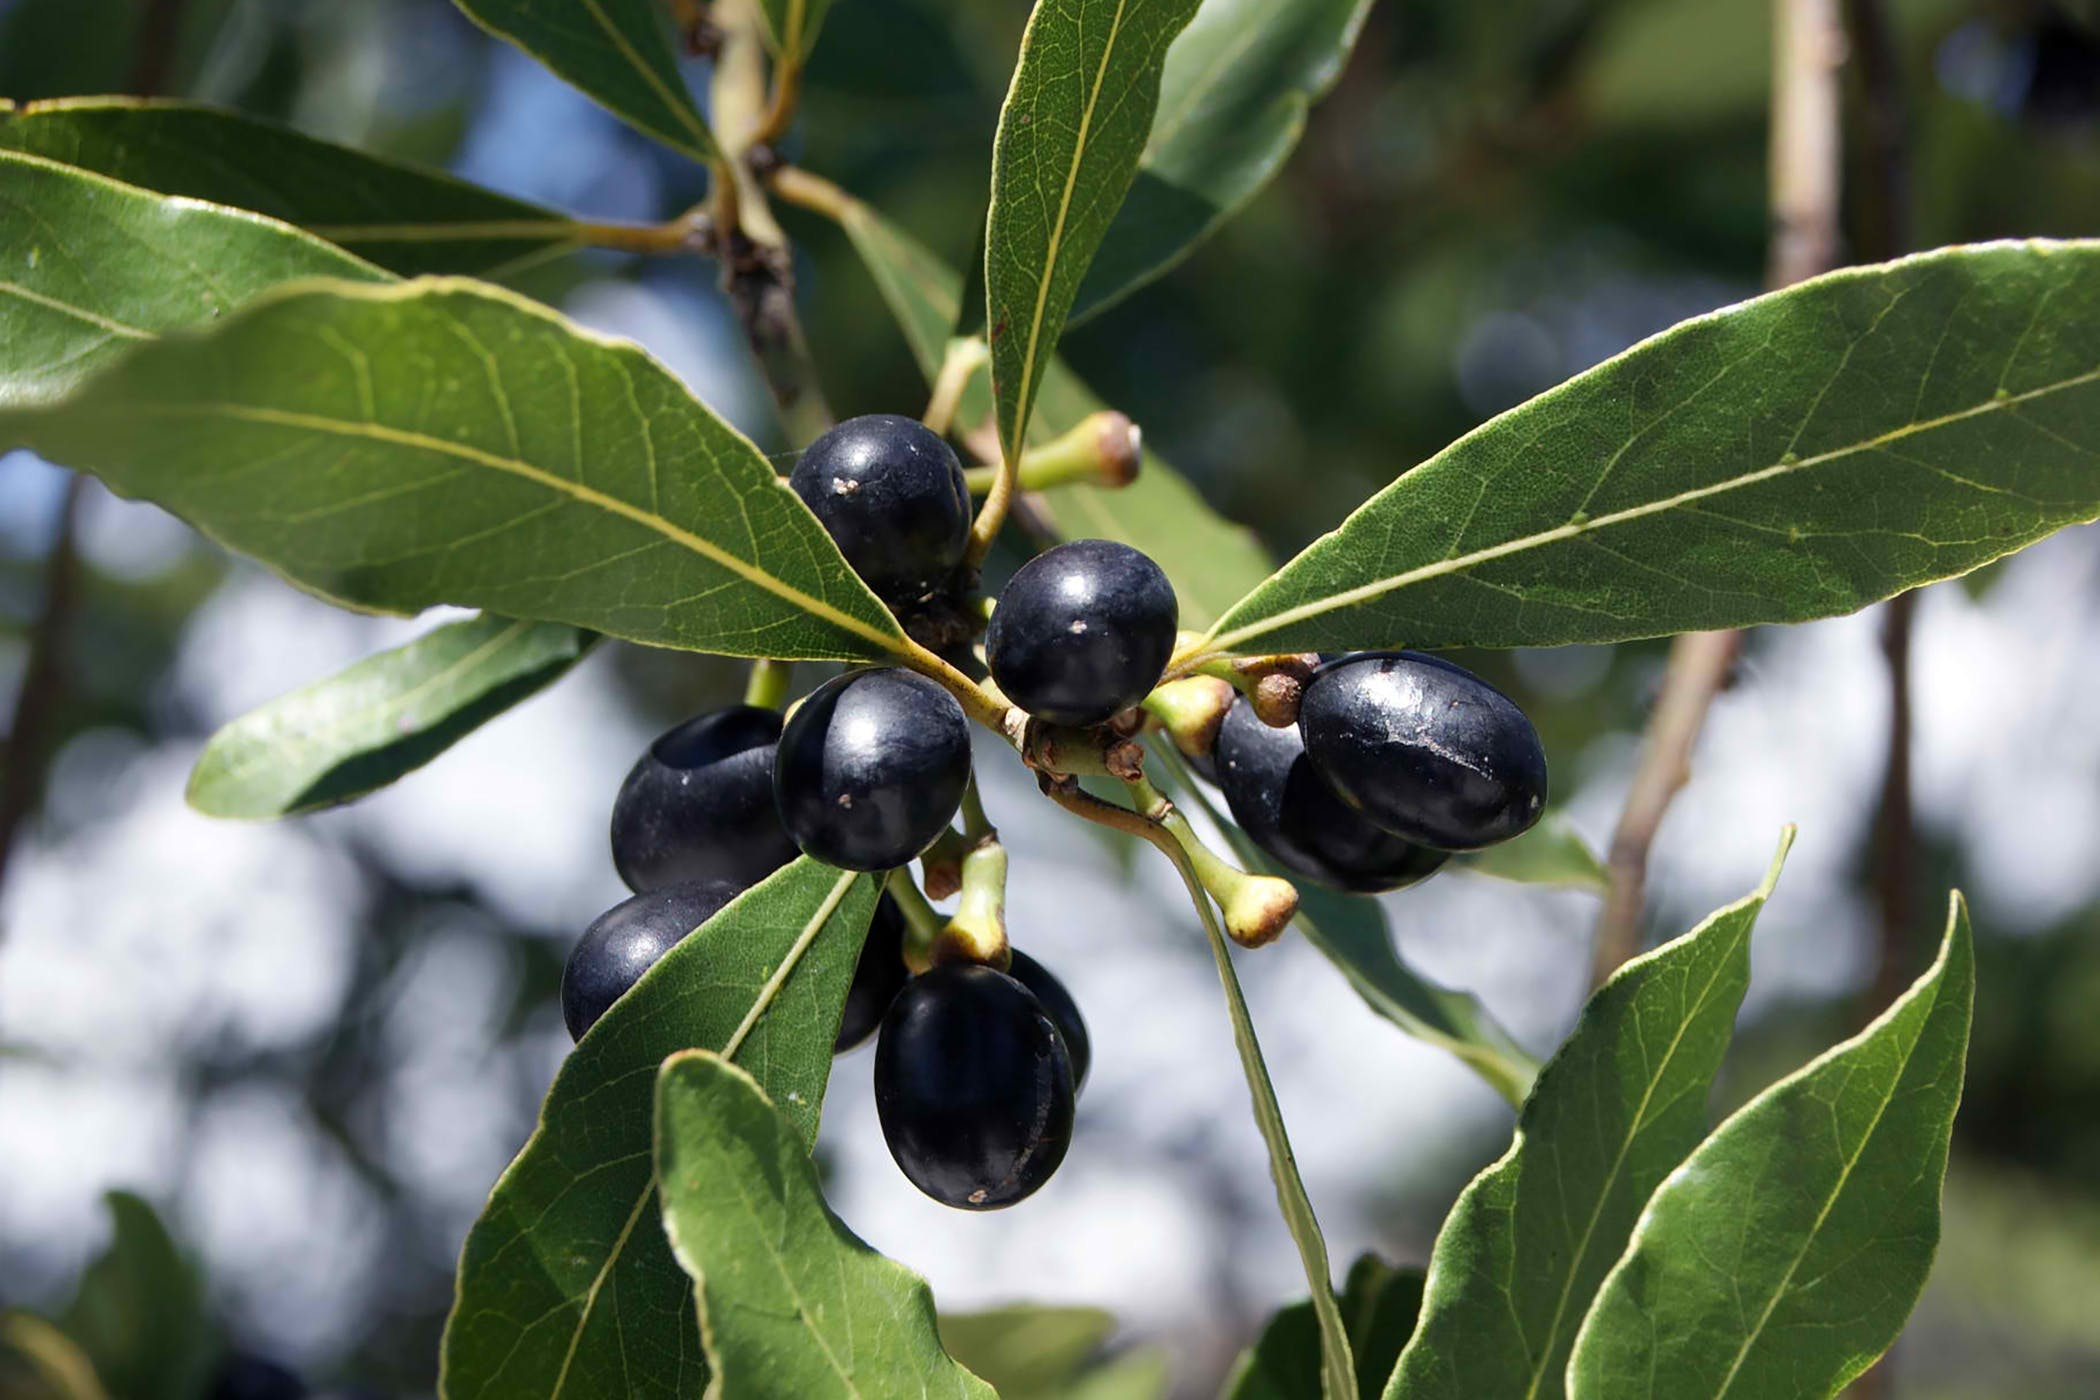 Laurel-Fruits-noblesoap.com